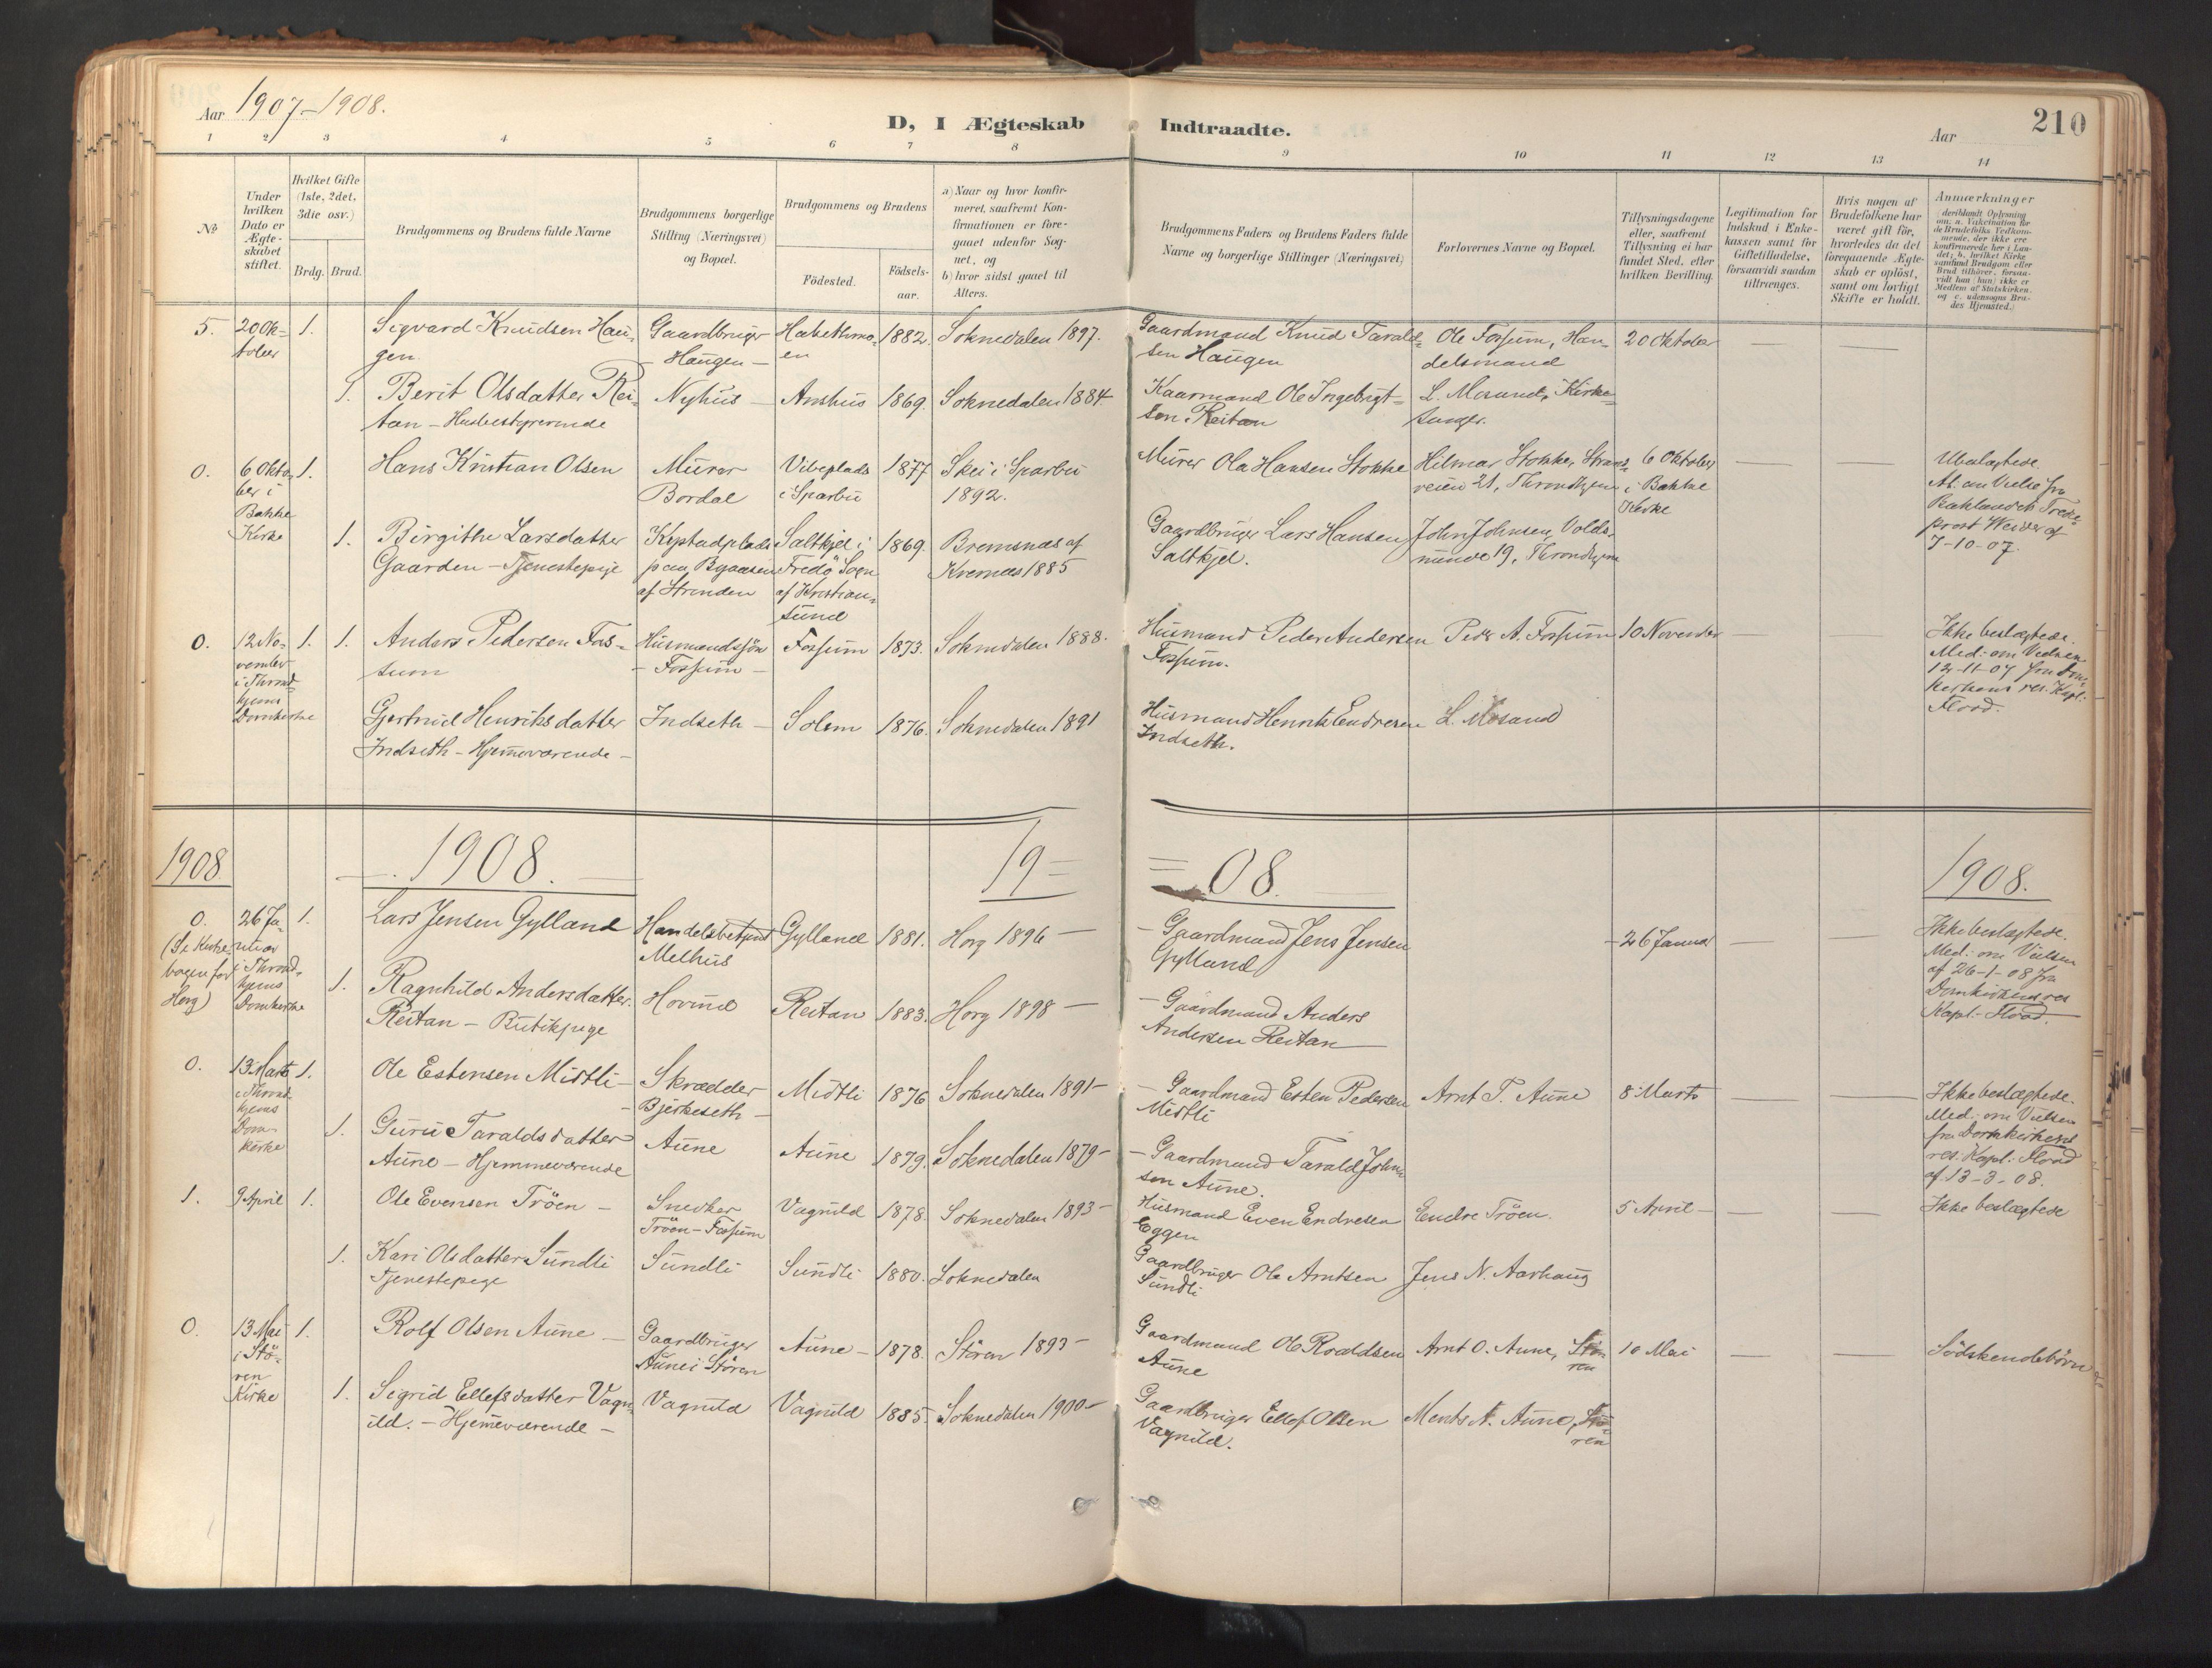 SAT, Ministerialprotokoller, klokkerbøker og fødselsregistre - Sør-Trøndelag, 689/L1041: Ministerialbok nr. 689A06, 1891-1923, s. 210